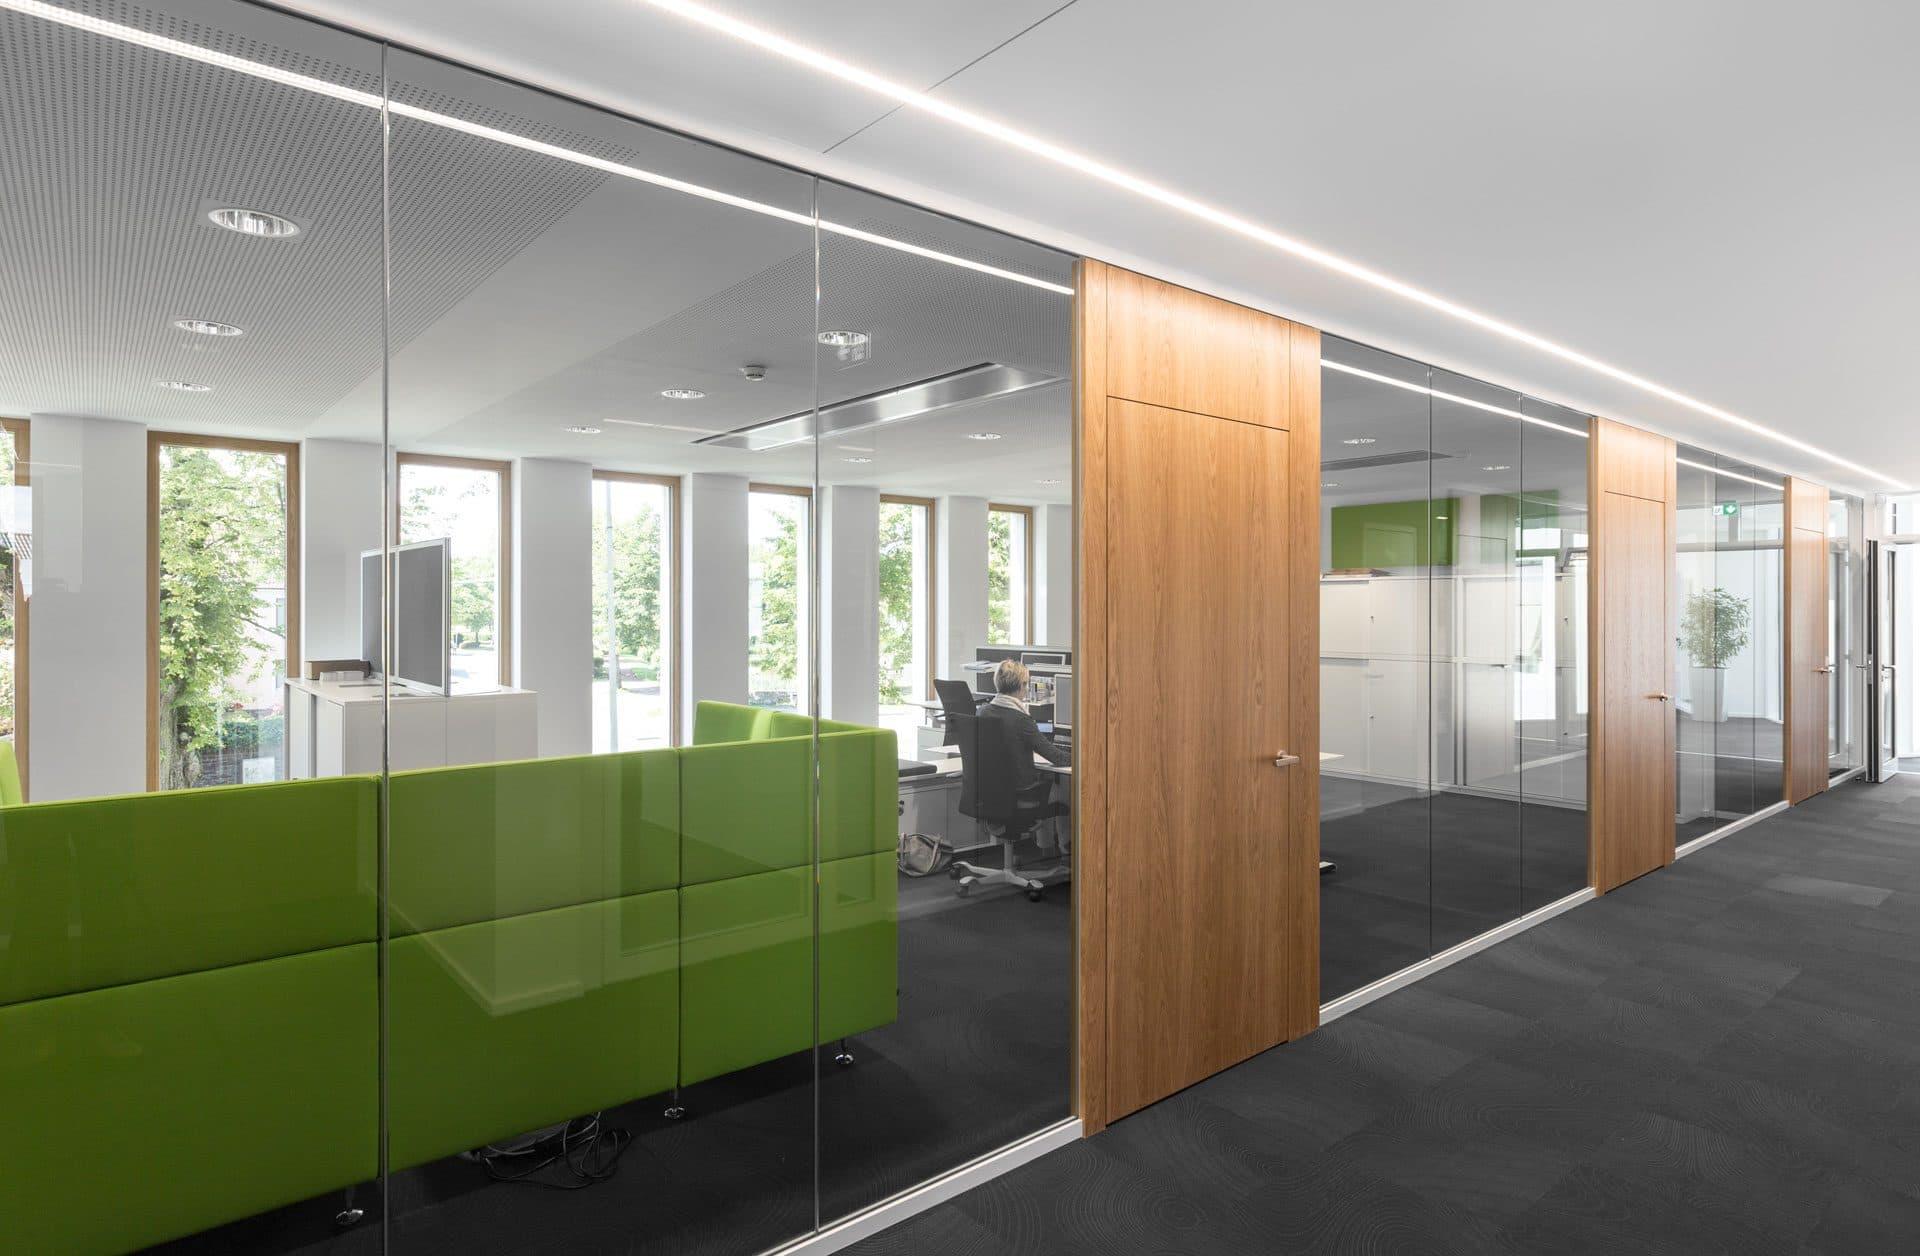 Volksbank bhp architekten generalplaner gmbh br chner h ttemann pasch in bielefeld - Bhp architekten ...